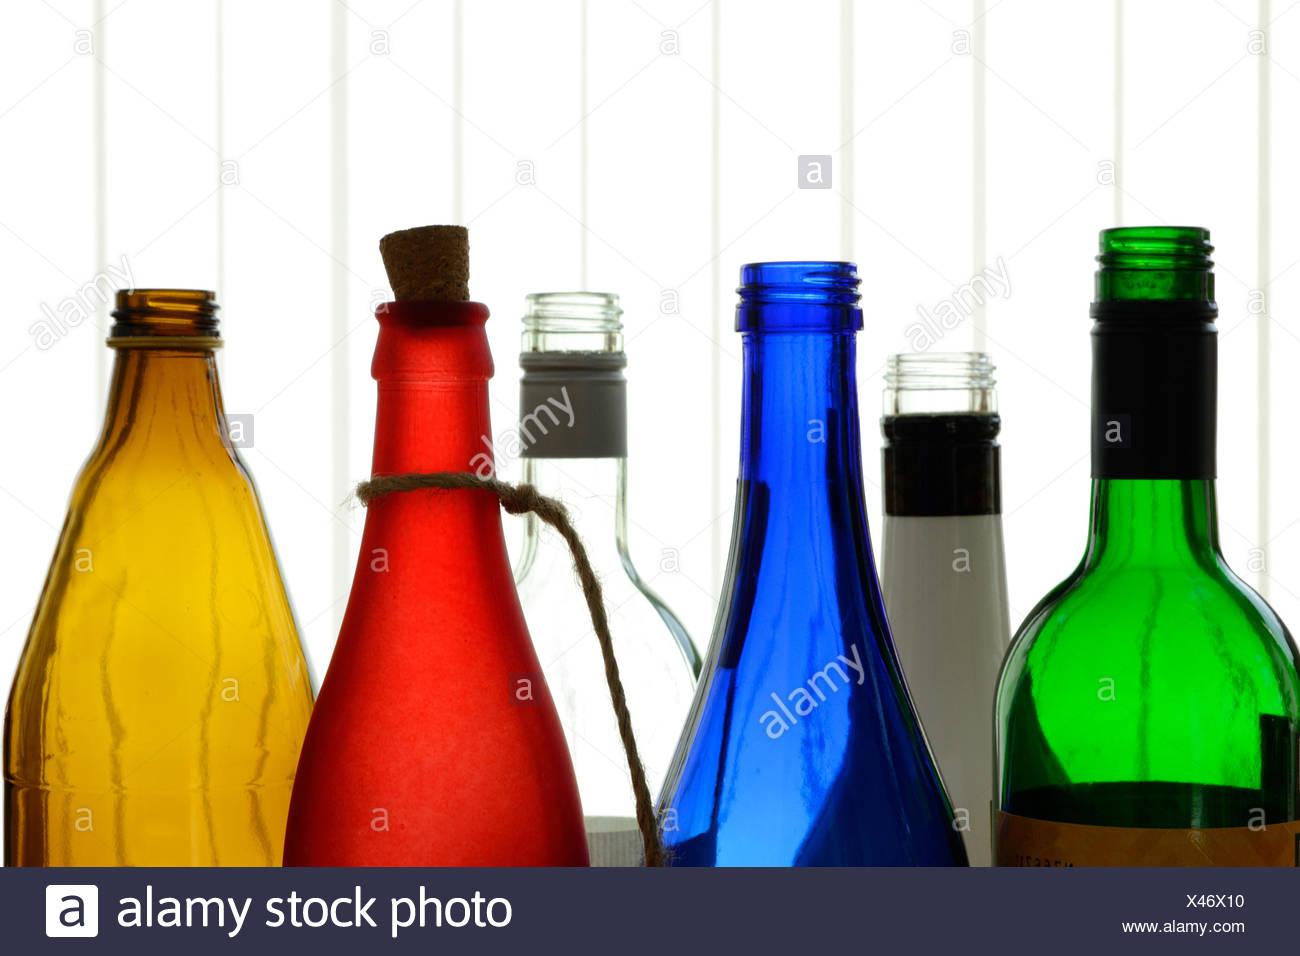 sechs bunte Glasflaschen als Dekoration Stock Photo